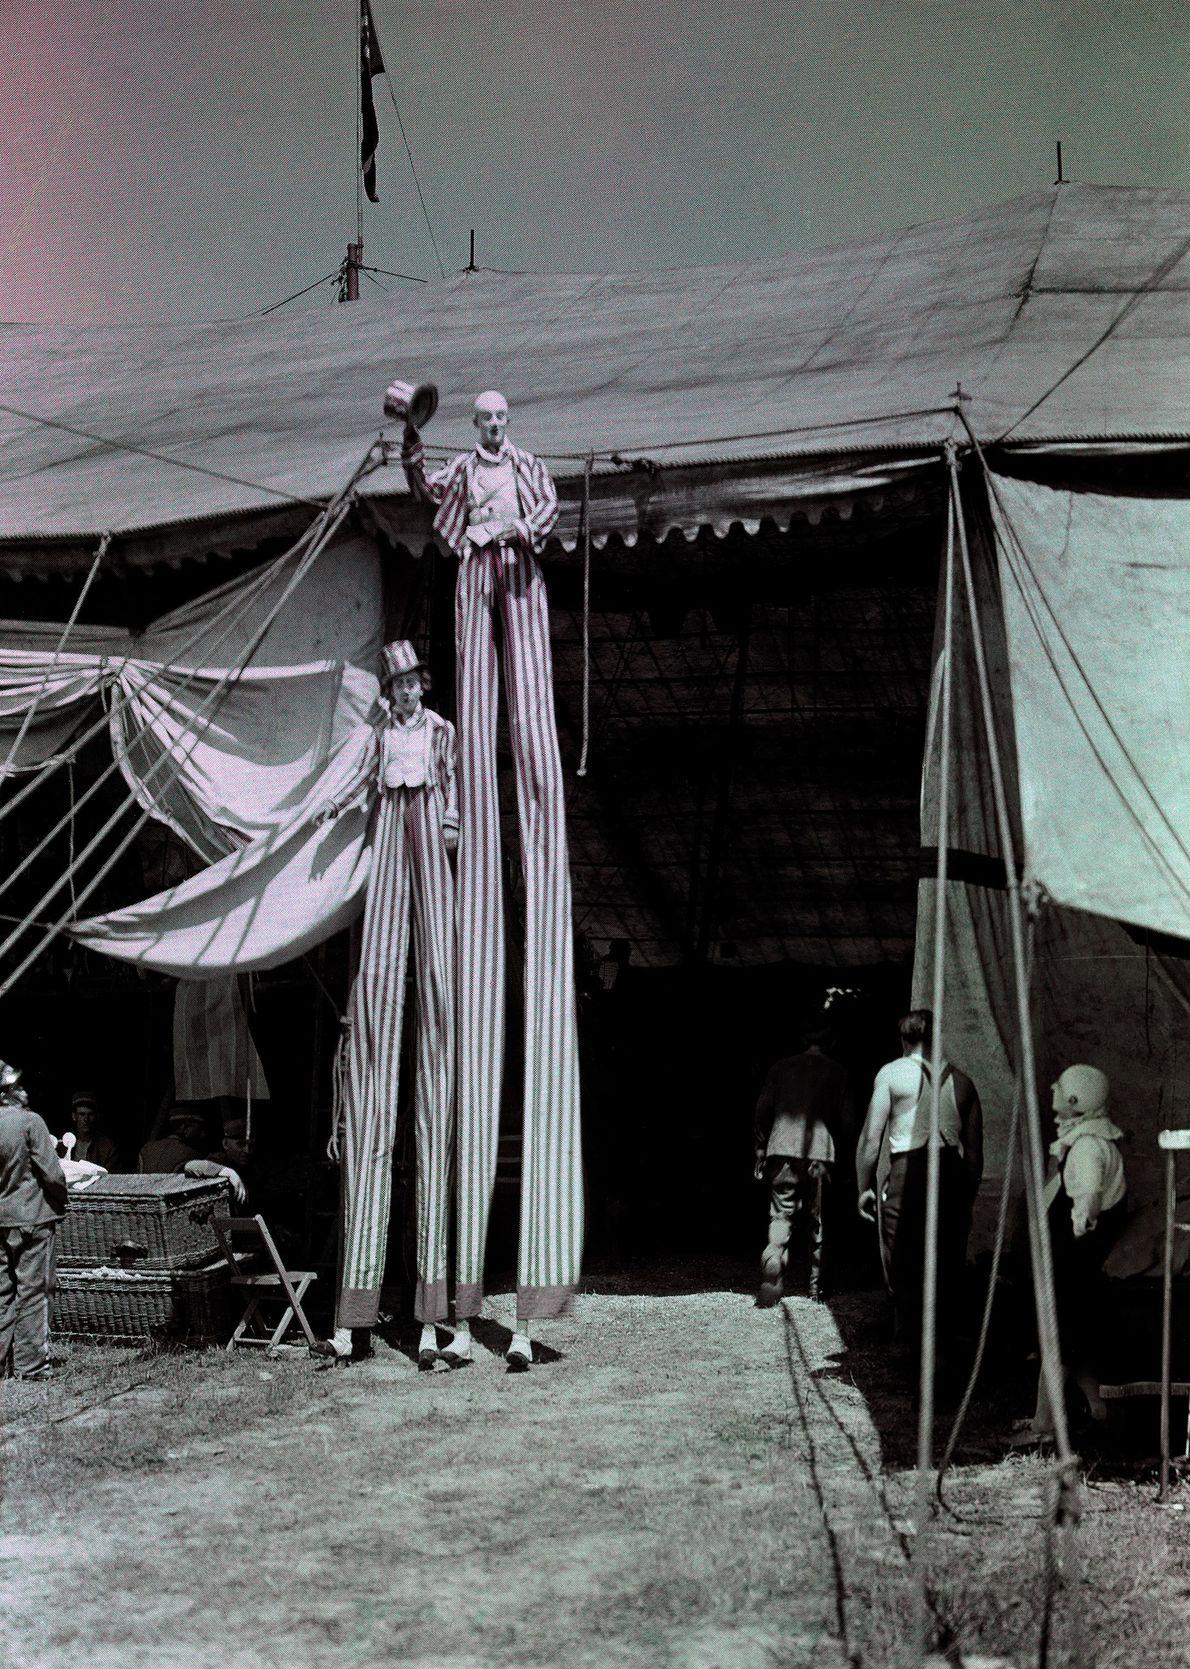 Fotografias Antigas de Palhaços Estranhamente Assustadoras